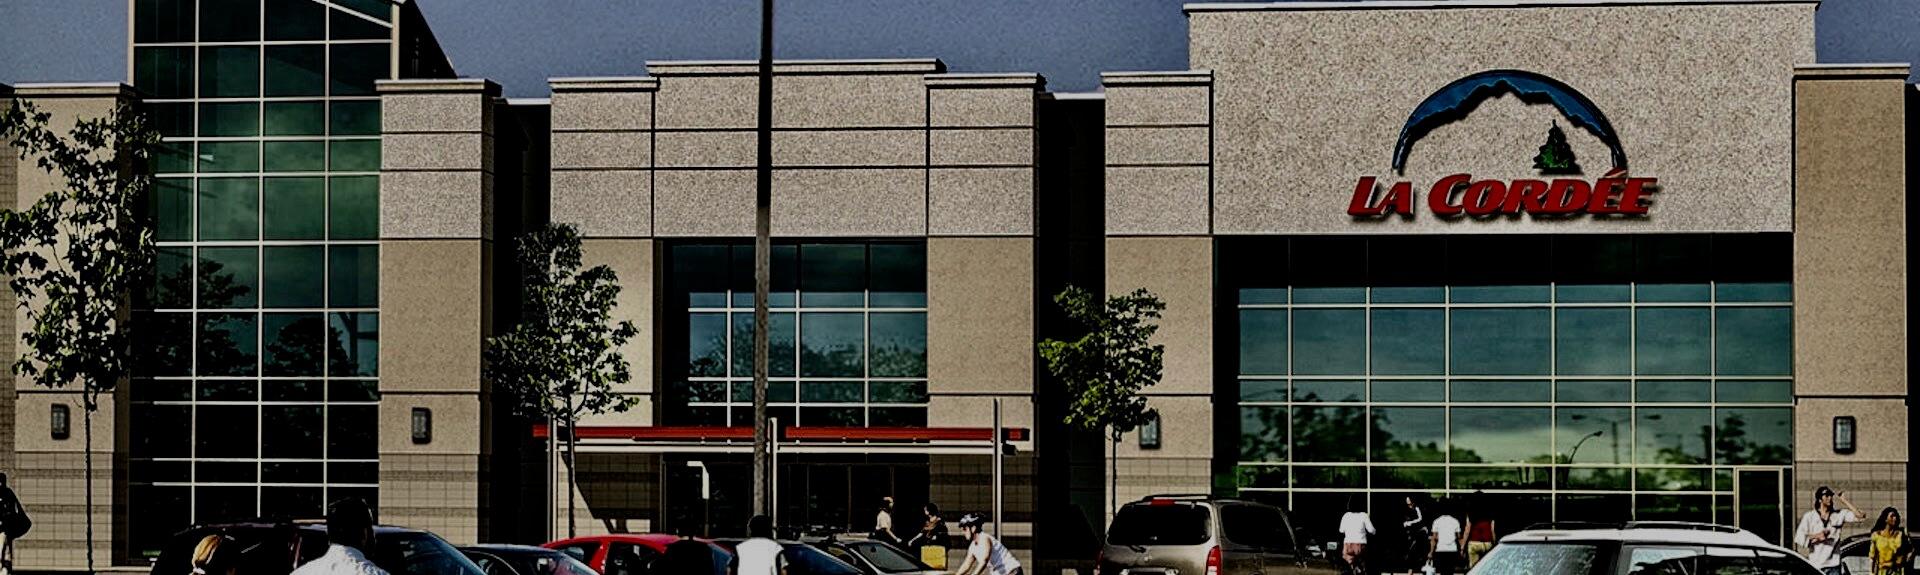 Vue de la façade du magasin La Cordée, Saint-Hubert, Québec